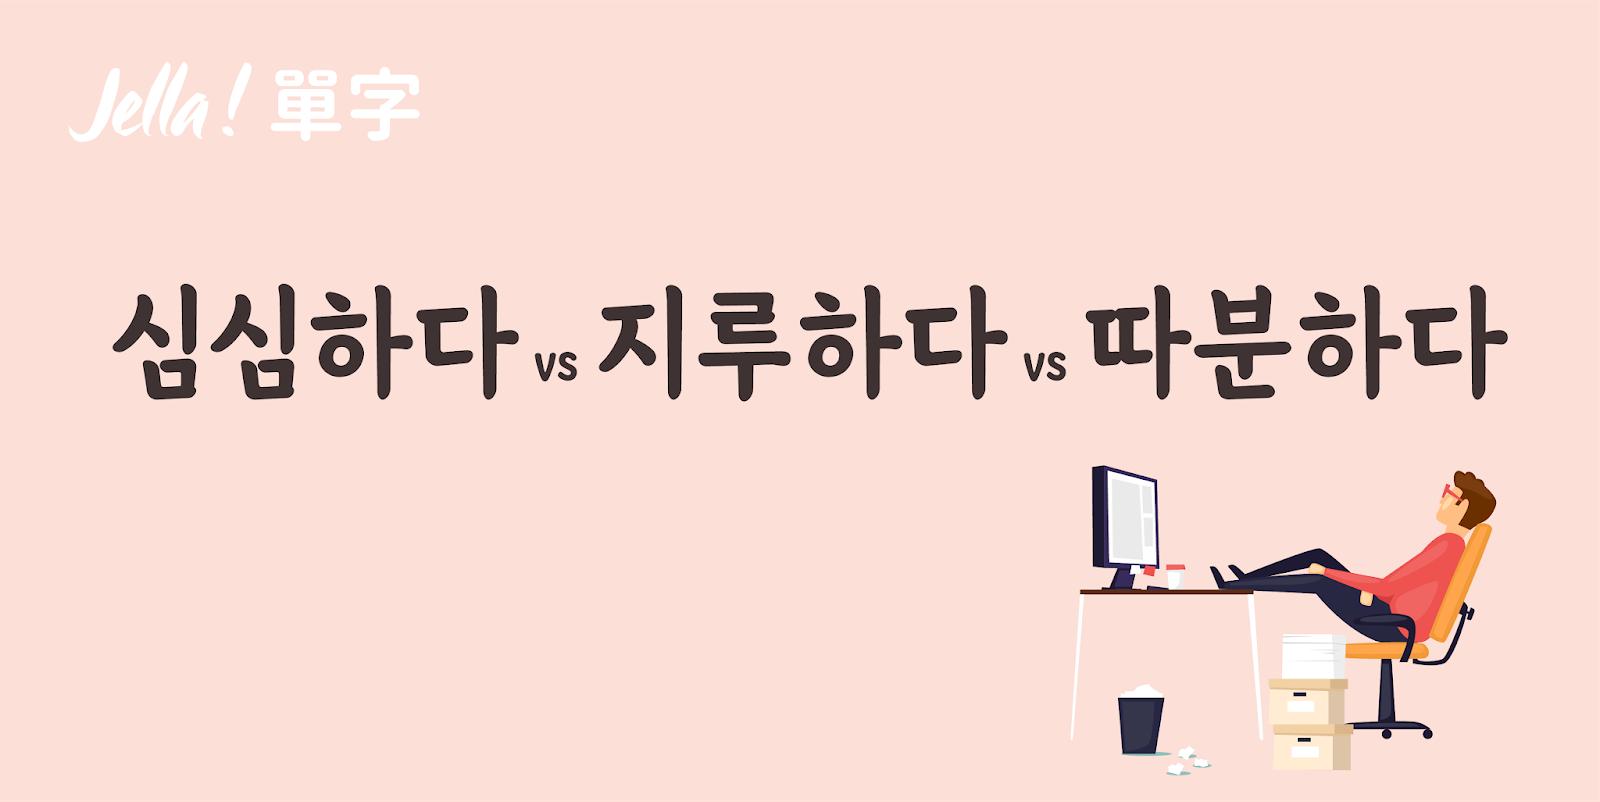 심심하다. 지루하다. 따분하다 的差異 Jella! 韓文部落格